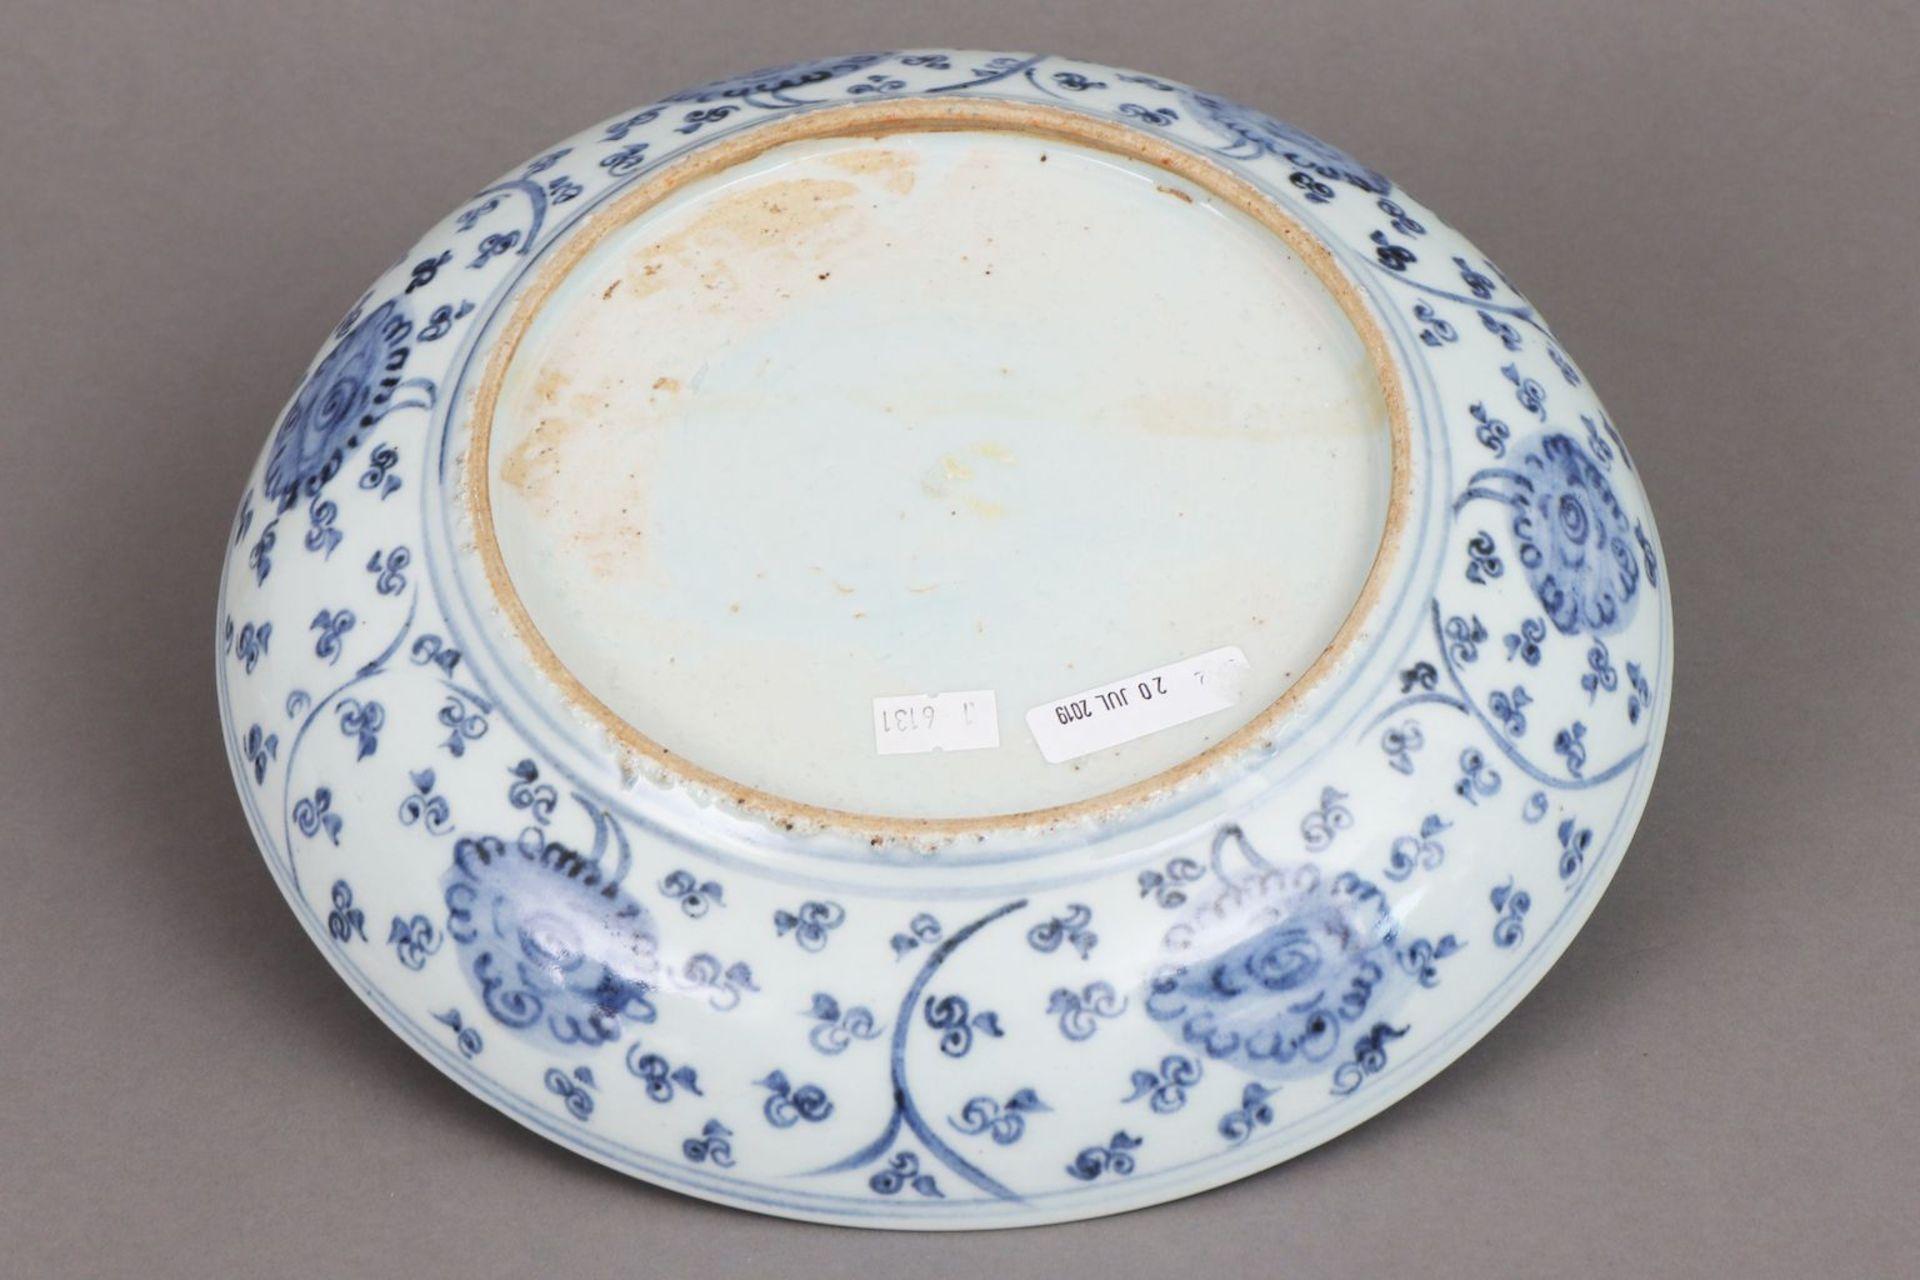 Chinesischer Porzellanteller im Stile Ming - Image 3 of 4